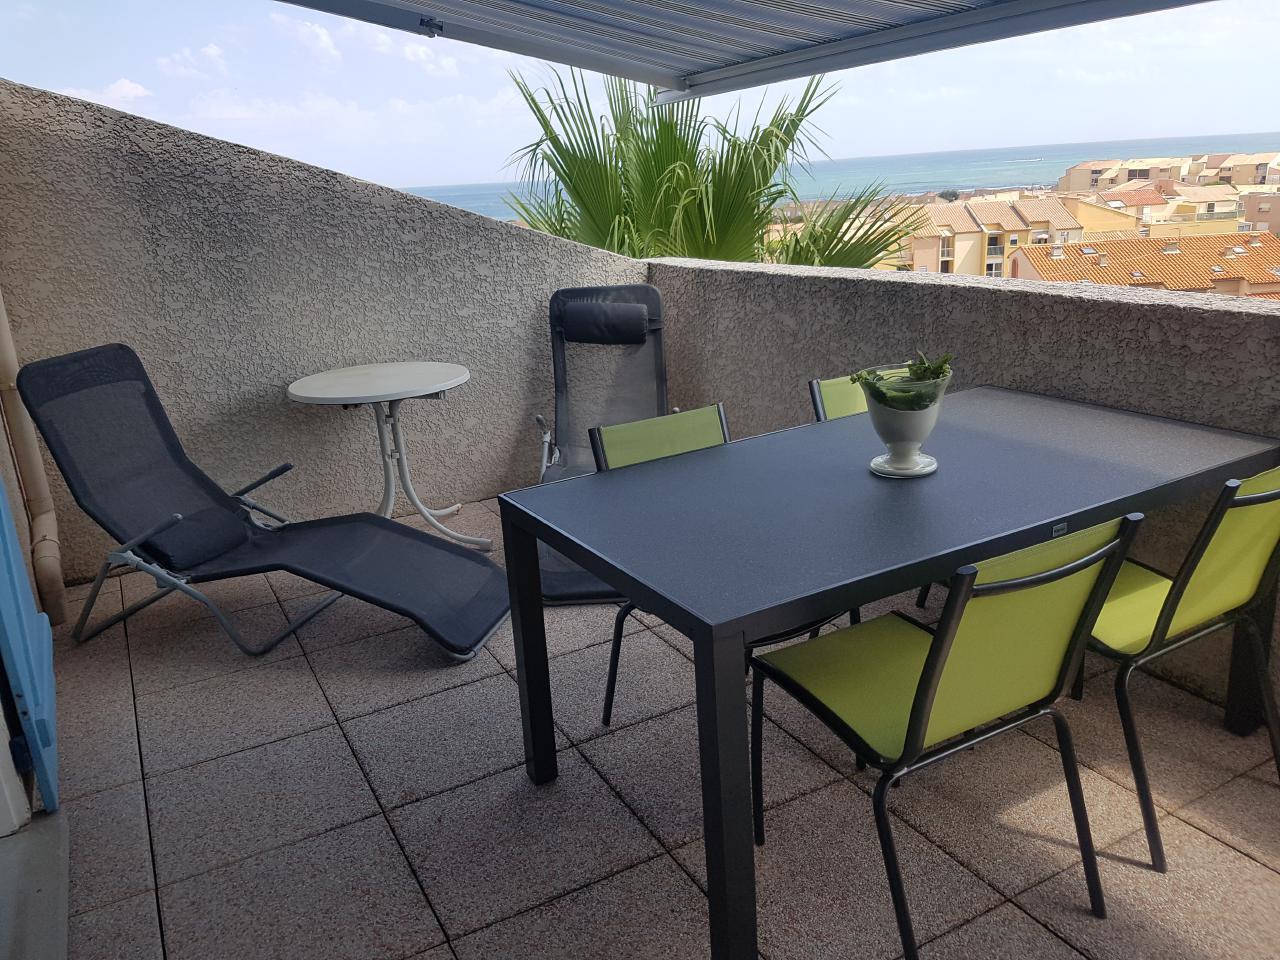 Ferienhaus Terrassenhaus Mer-Indigo mit Sonnenterrasse und 180 Grad traumhaftem Blick  über dem Meer (129969), Saint Pierre sur Mer, Mittelmeerküste Aude, Languedoc-Roussillon, Frankreich, Bild 23